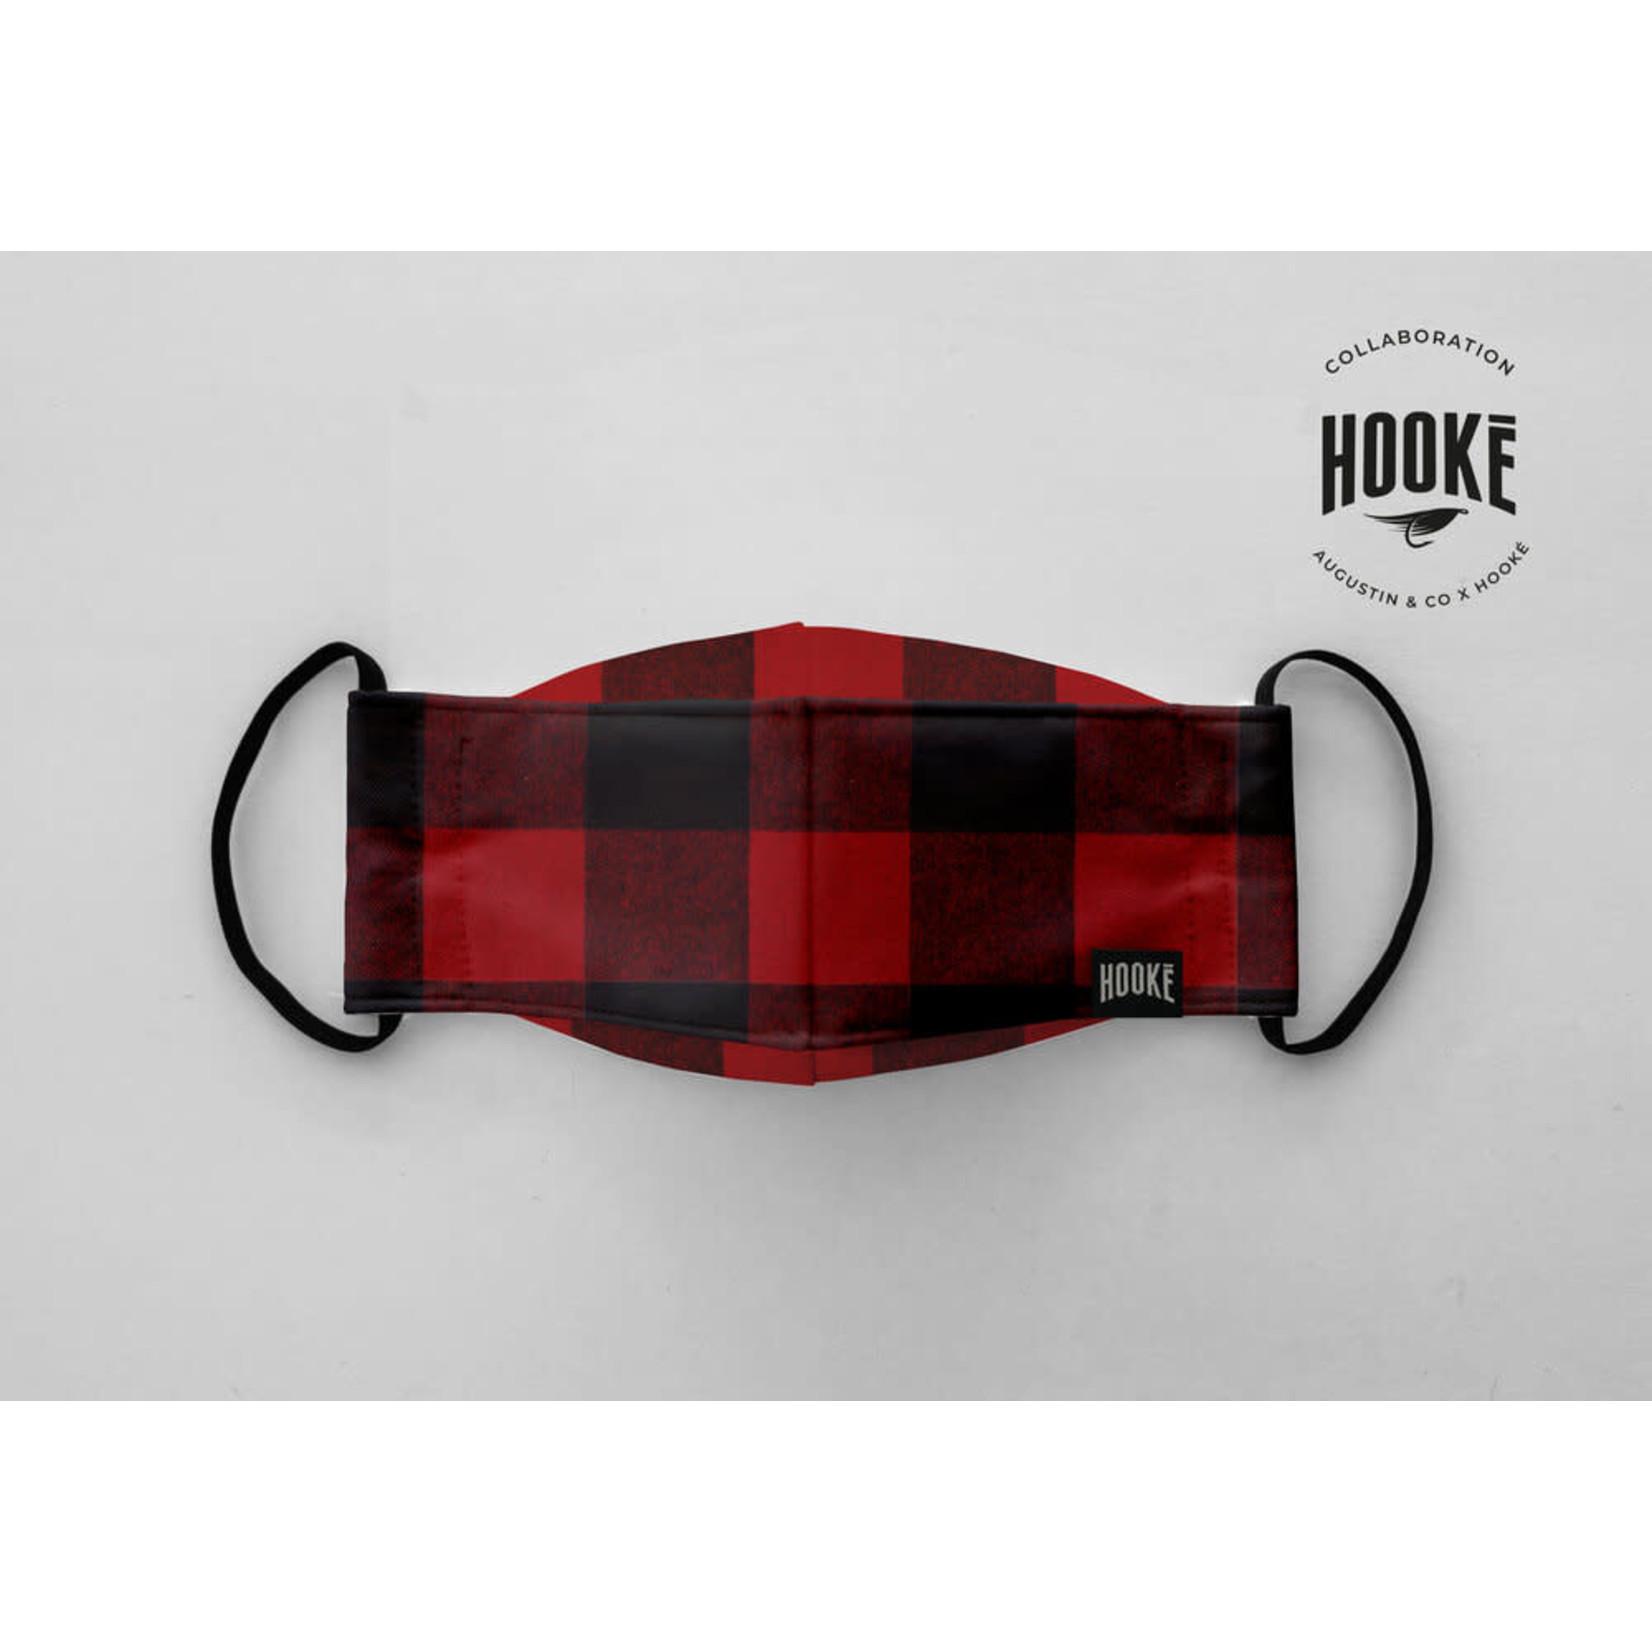 Augustin & co Masque HOOKÉ / canadienne